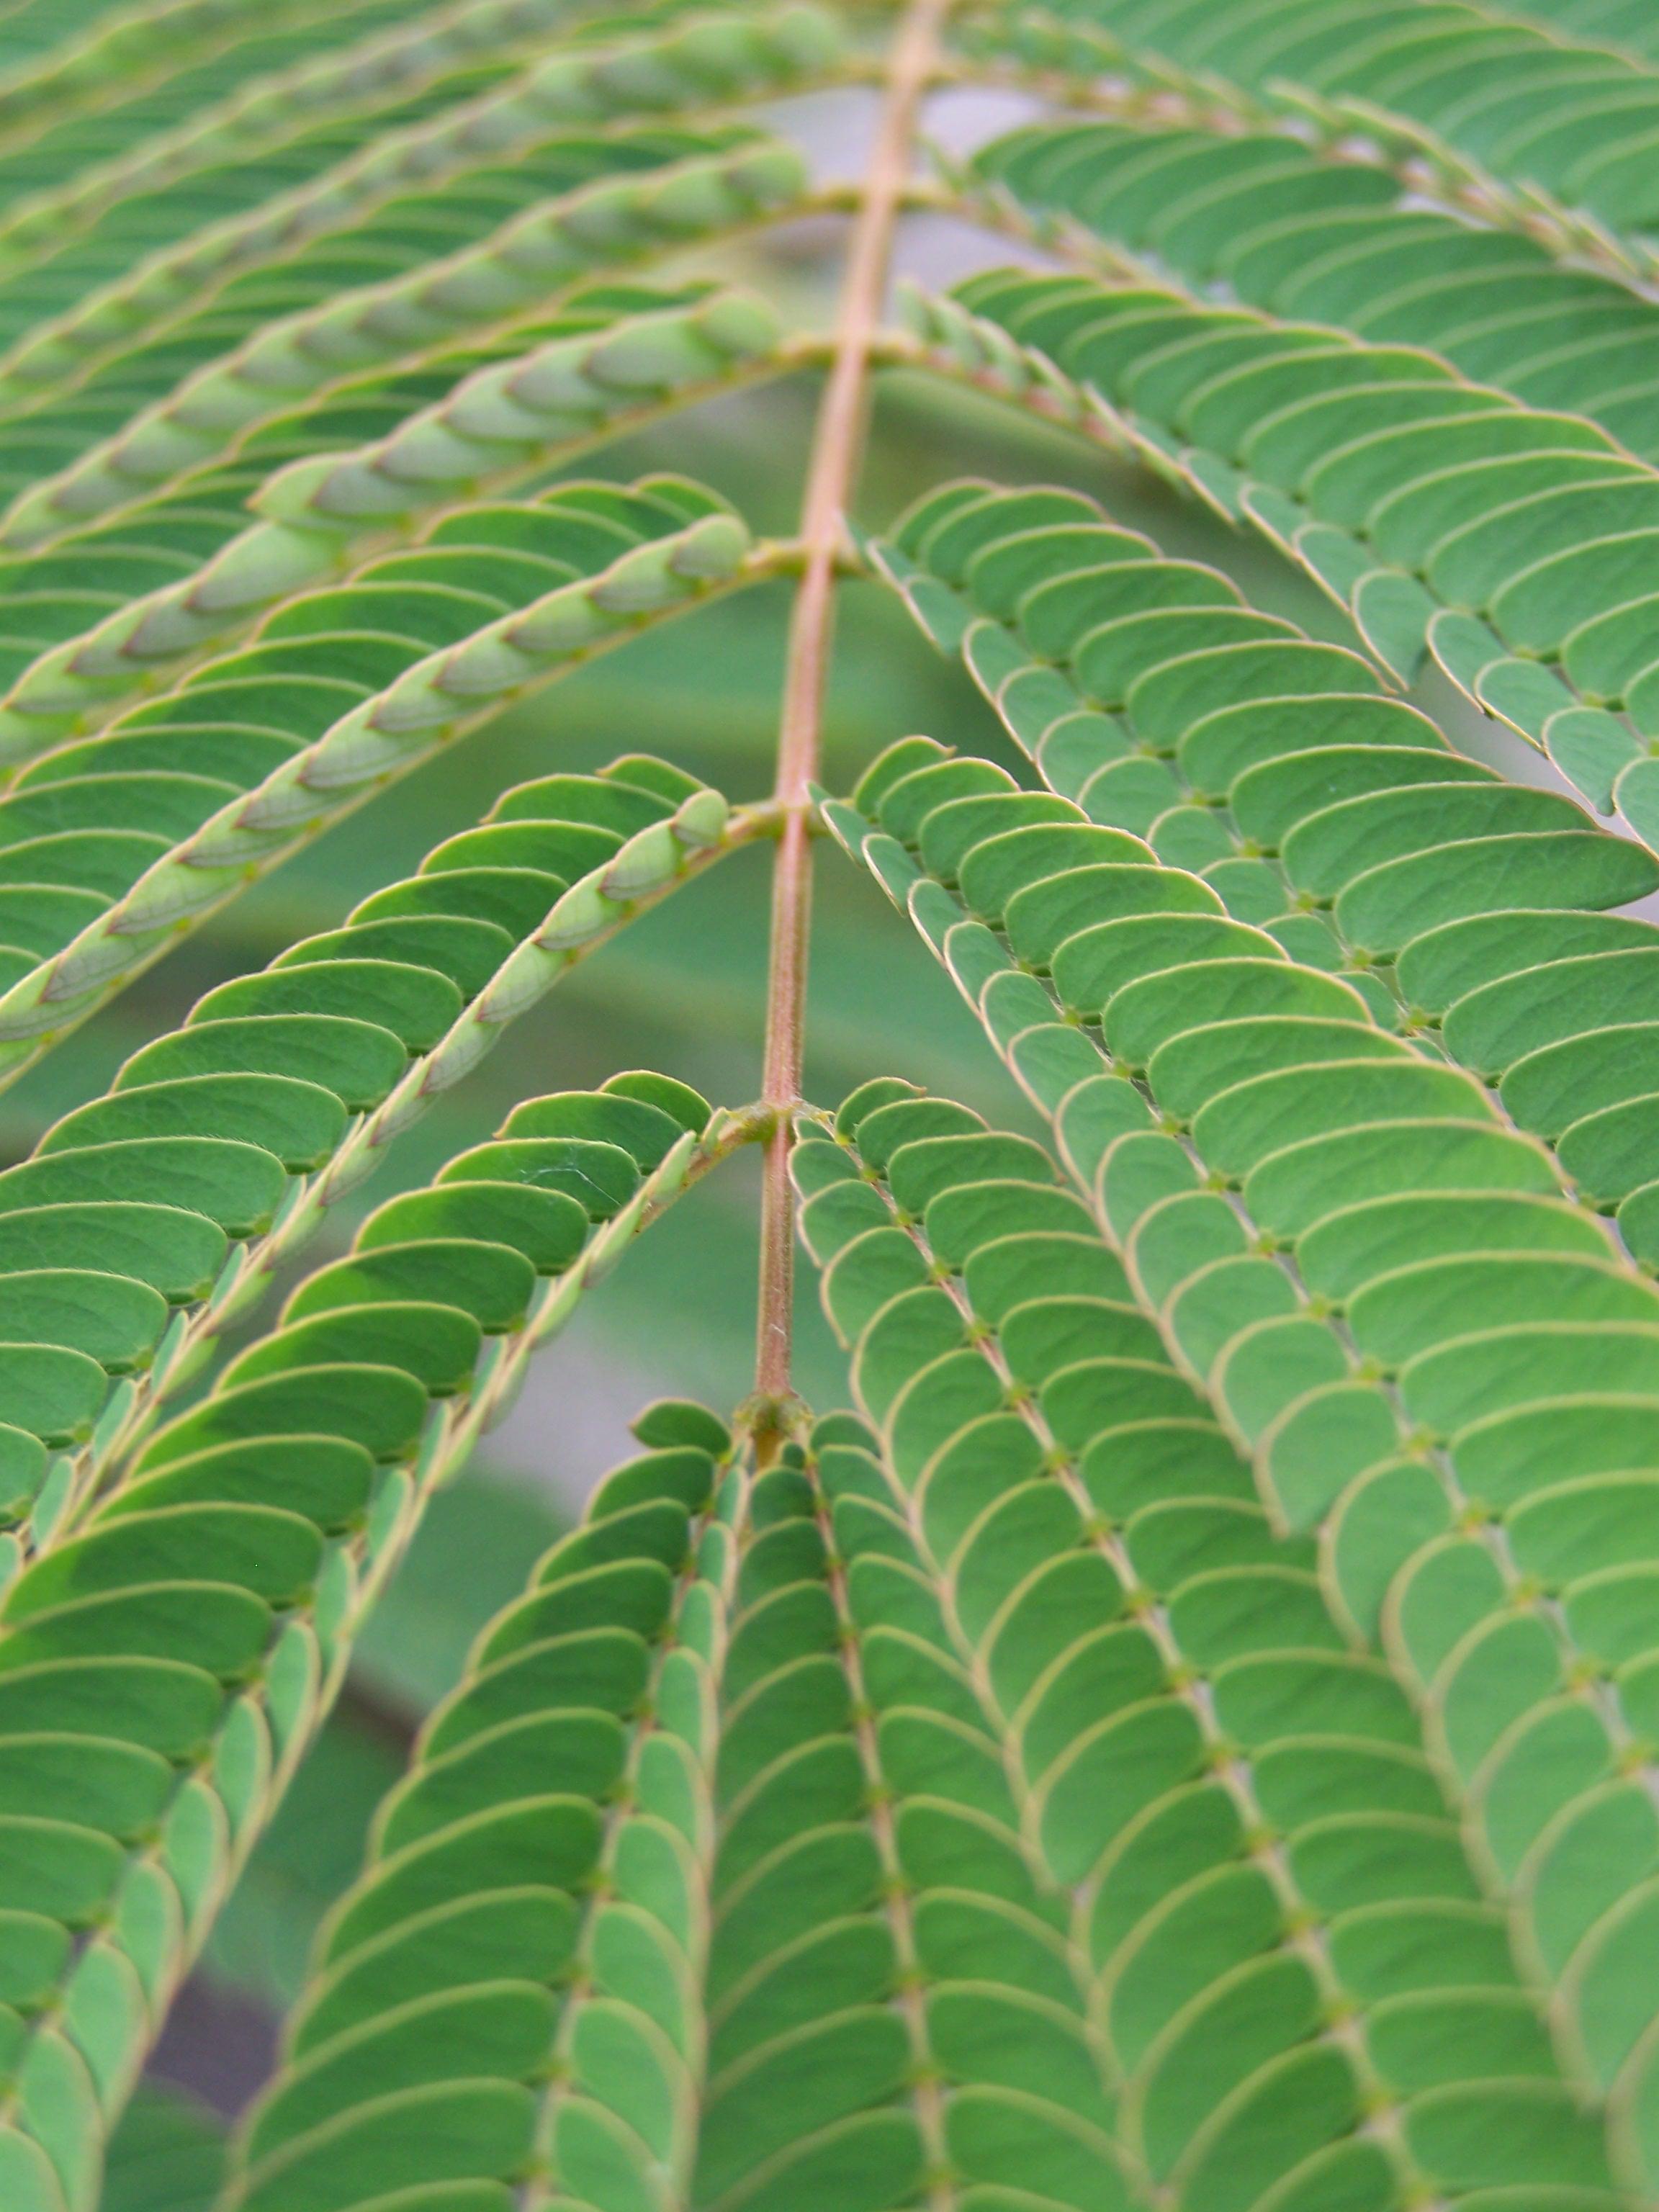 Mimosa Leaf by seiyastock